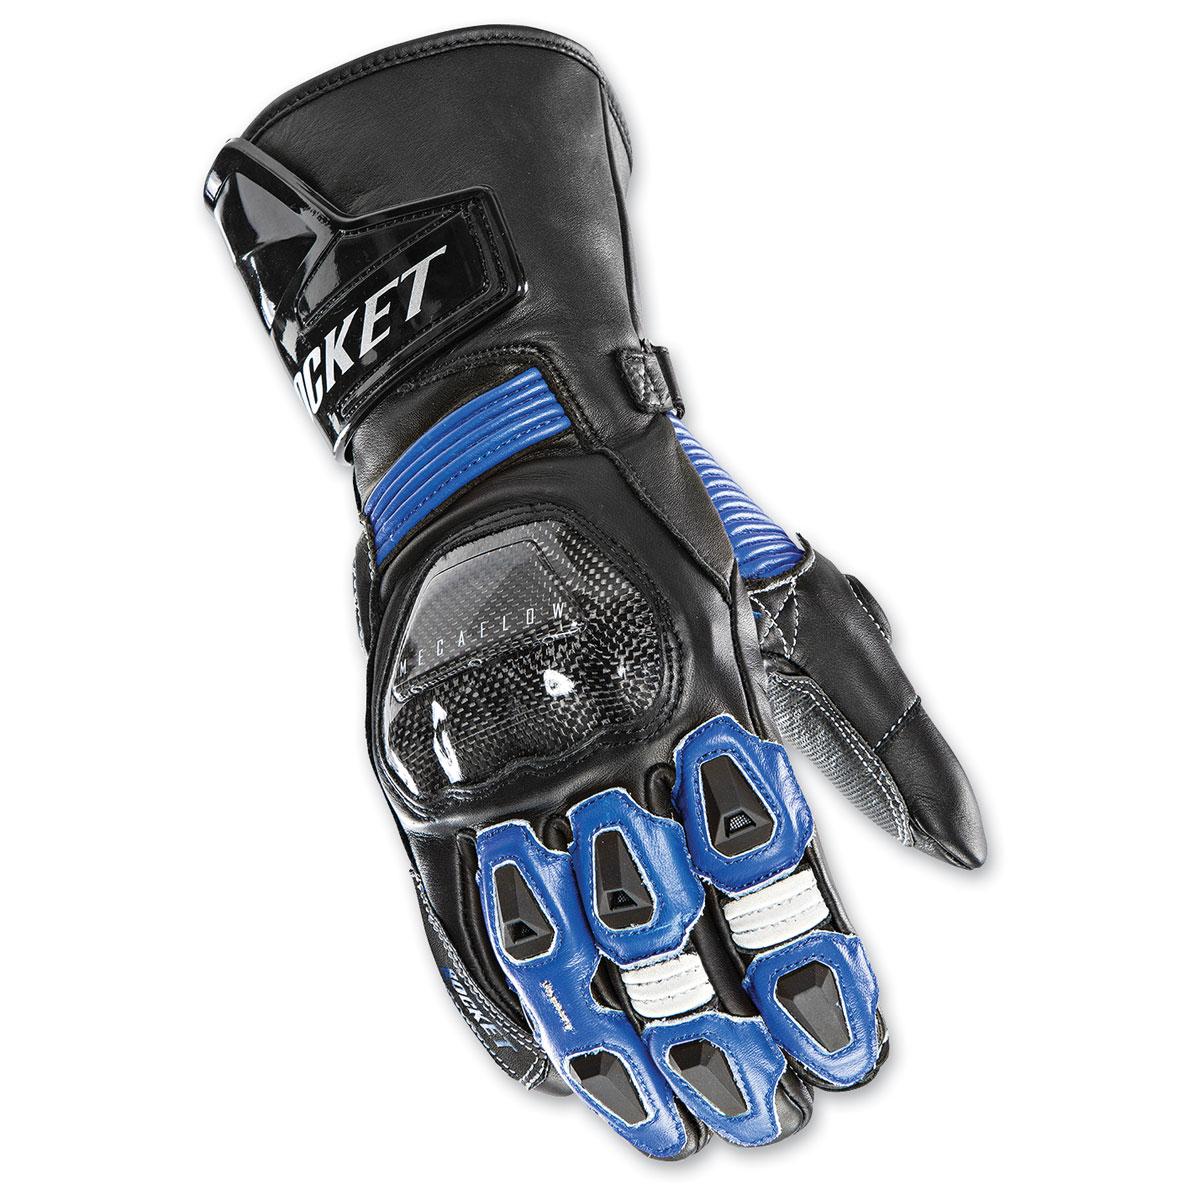 Joe Rocket Men's GPX Black/Blue Gloves